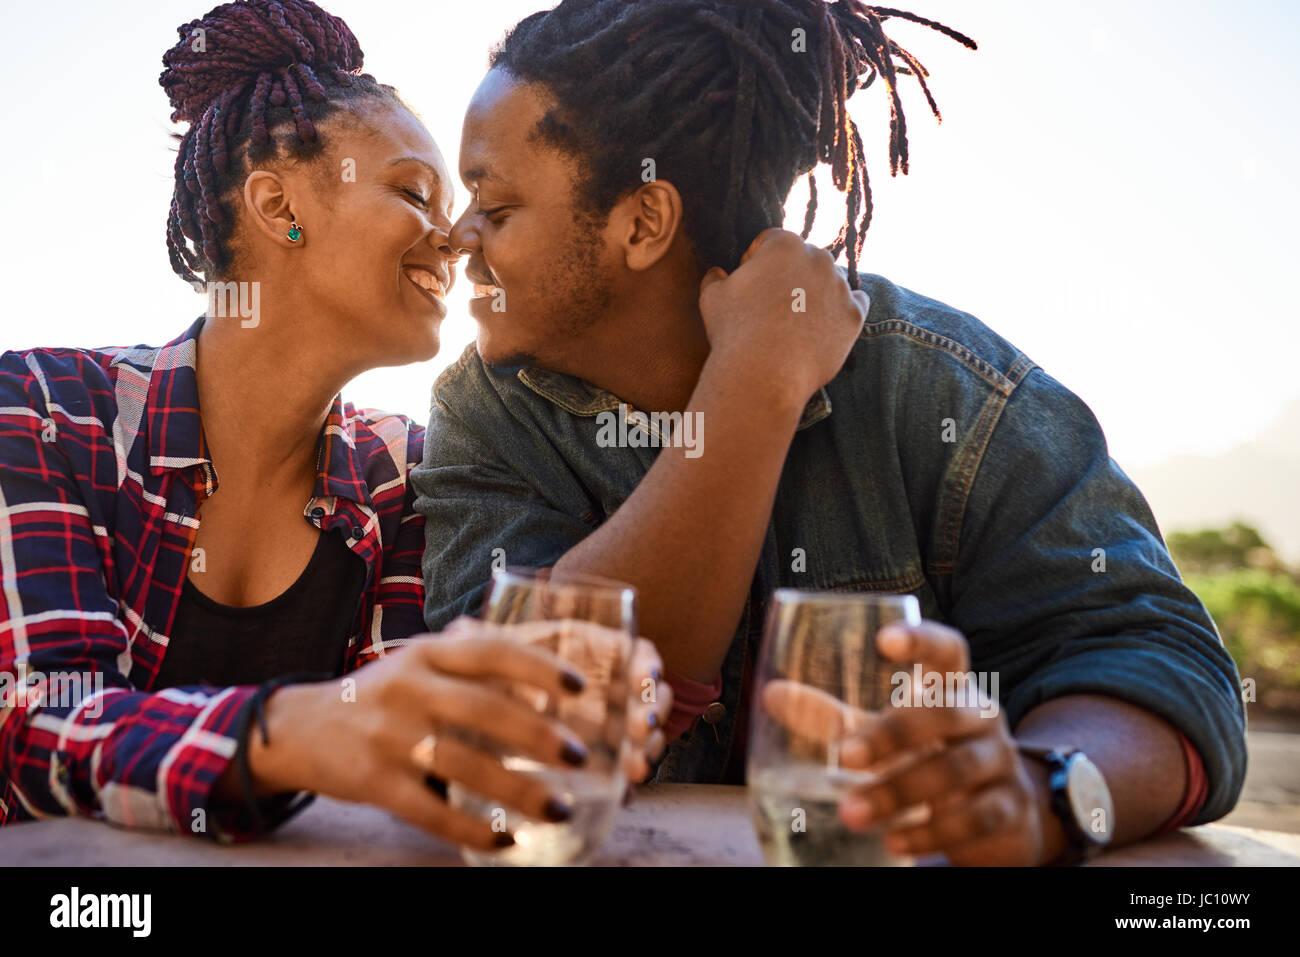 Coppia reale della discesa africana circa a baciare mentre abbracciando Immagini Stock